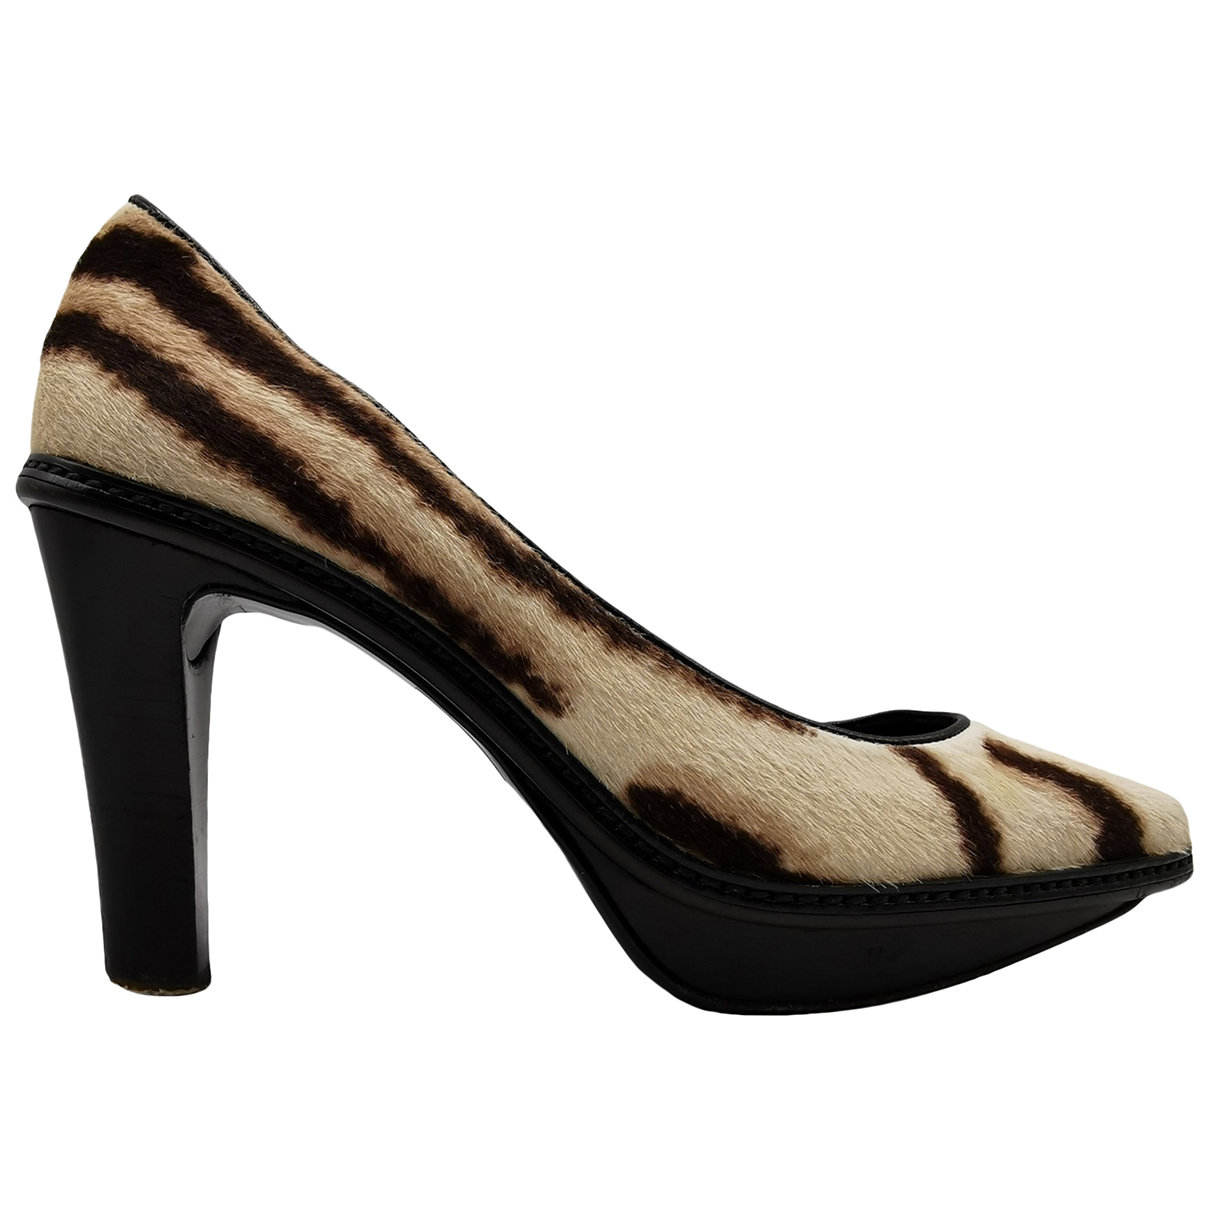 Celine N Beige Pony-style calfskin Heels for Women 36.5 EU